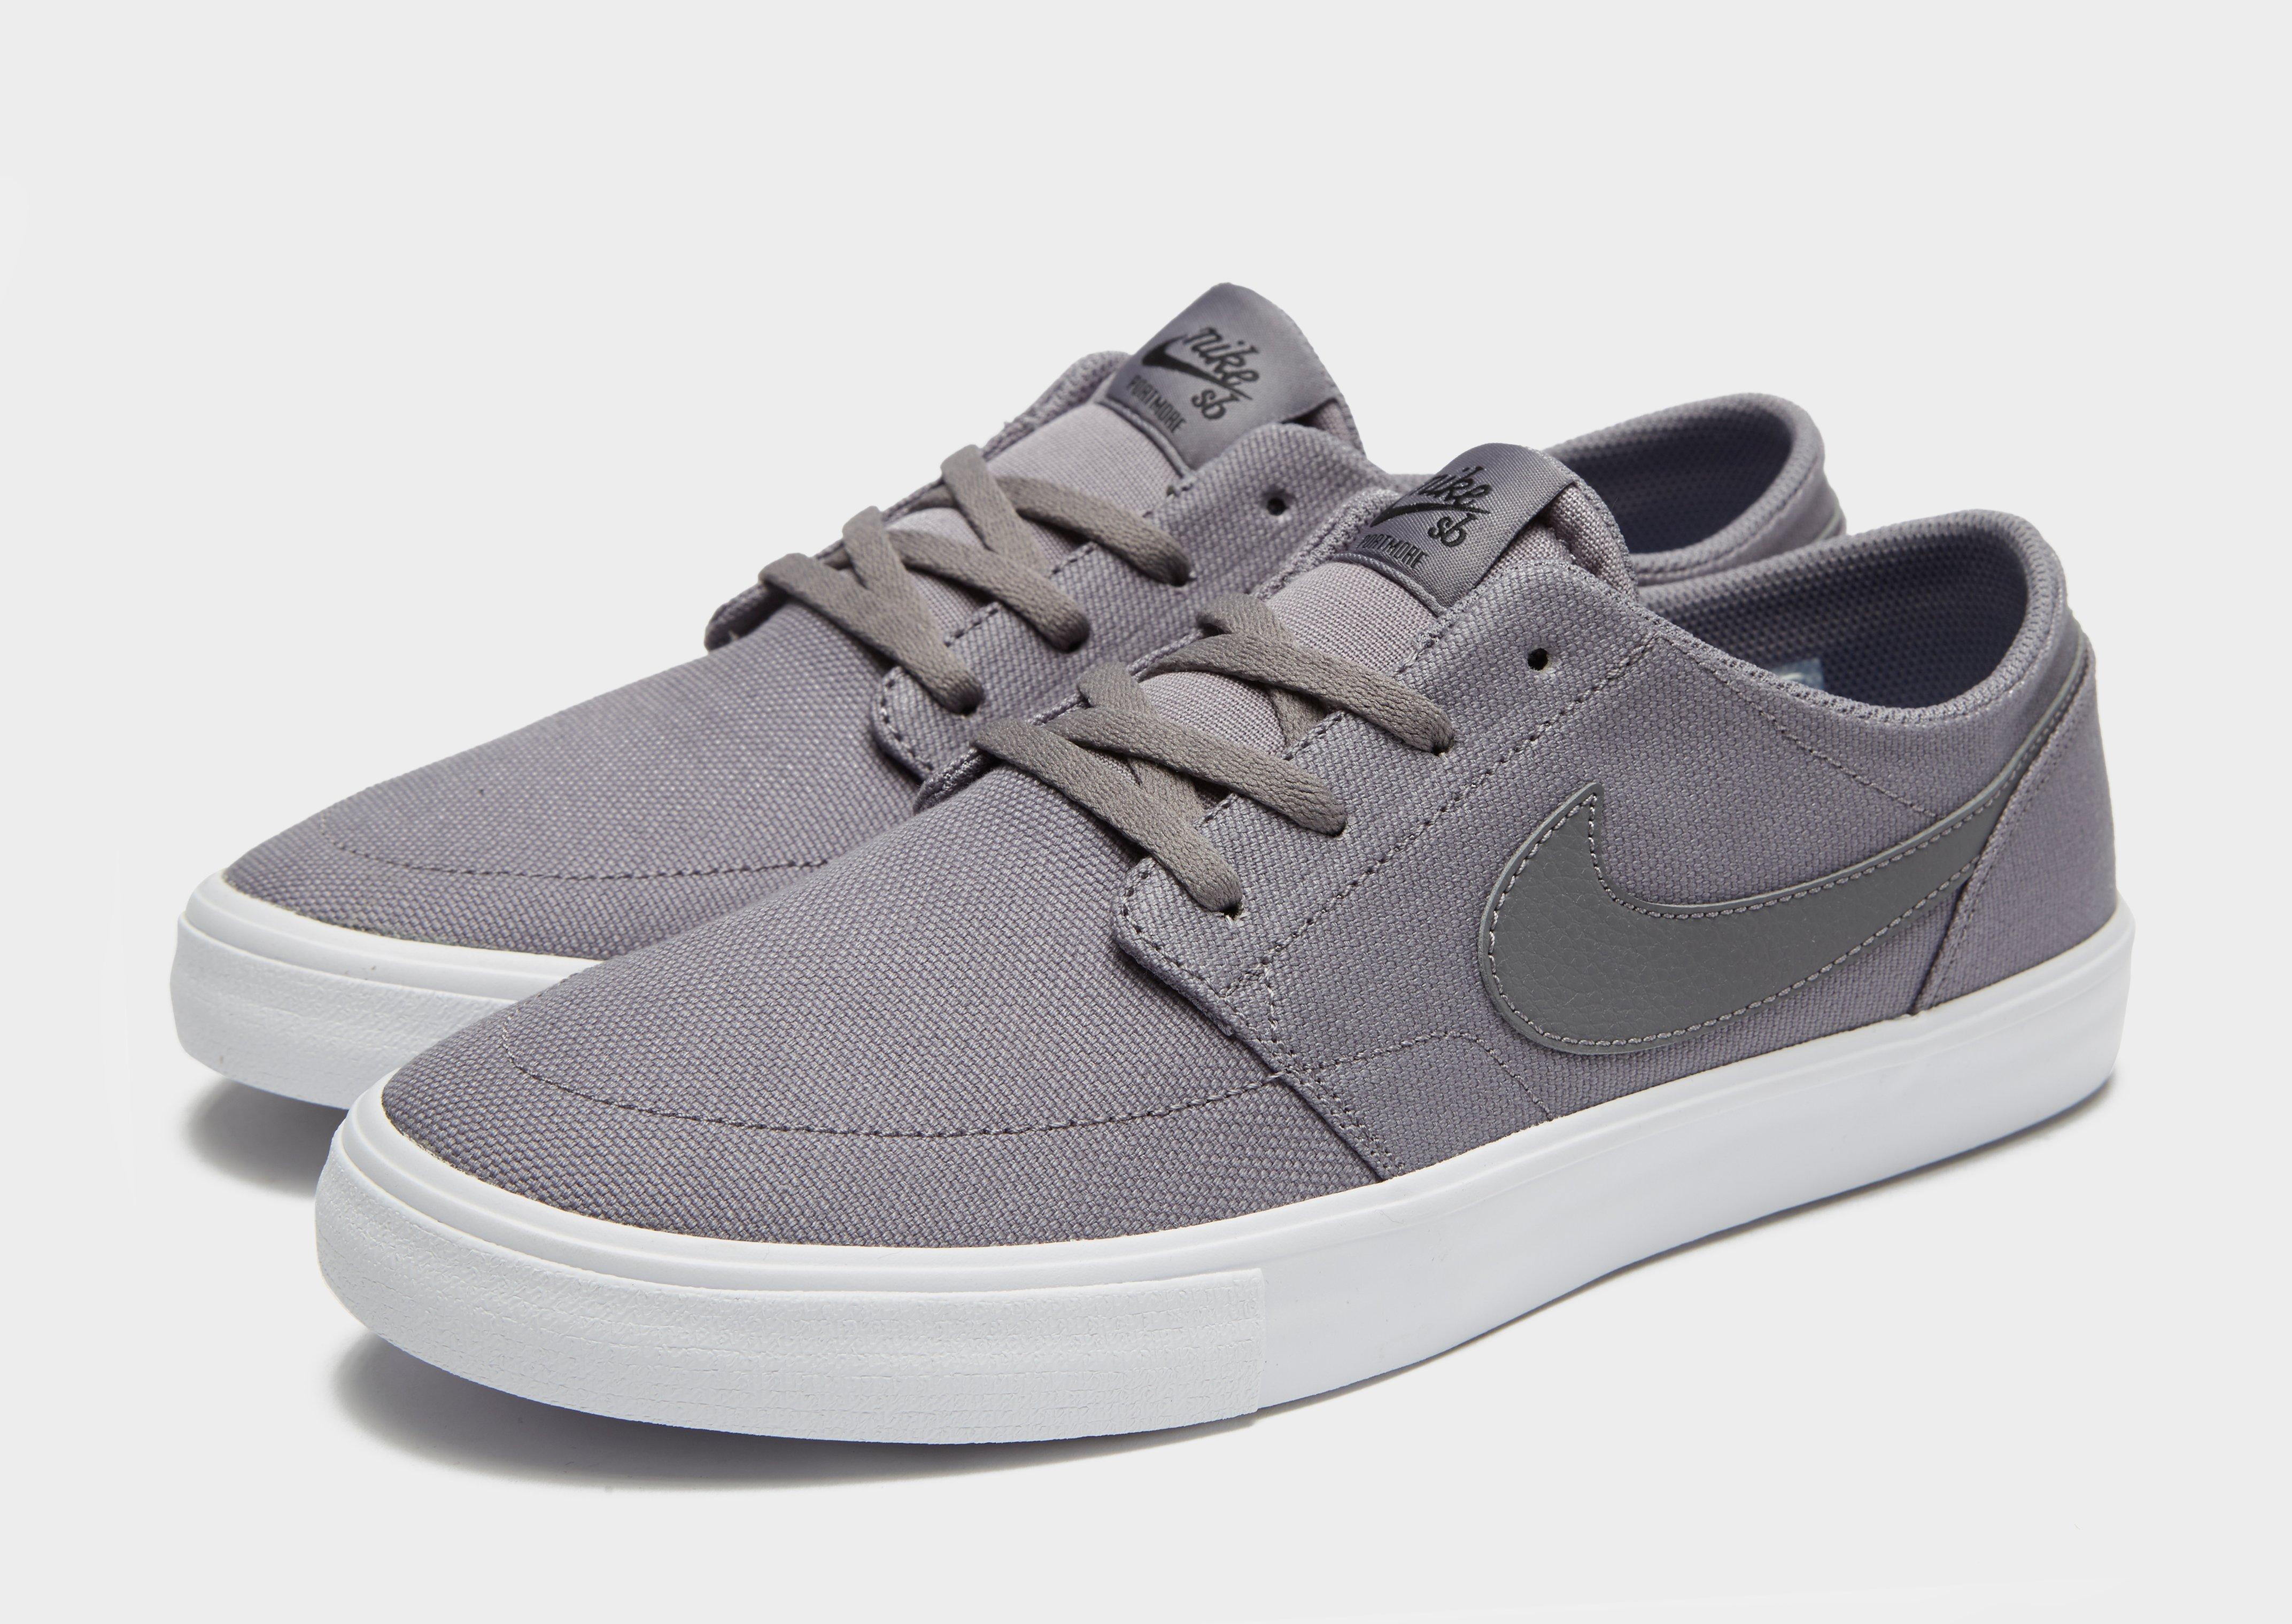 0fcf41b142 ... reduced zapatillas nike sneakers niños pics niños venta zapatos venta  al por 10716 mayor 8dc9276 bitcoin